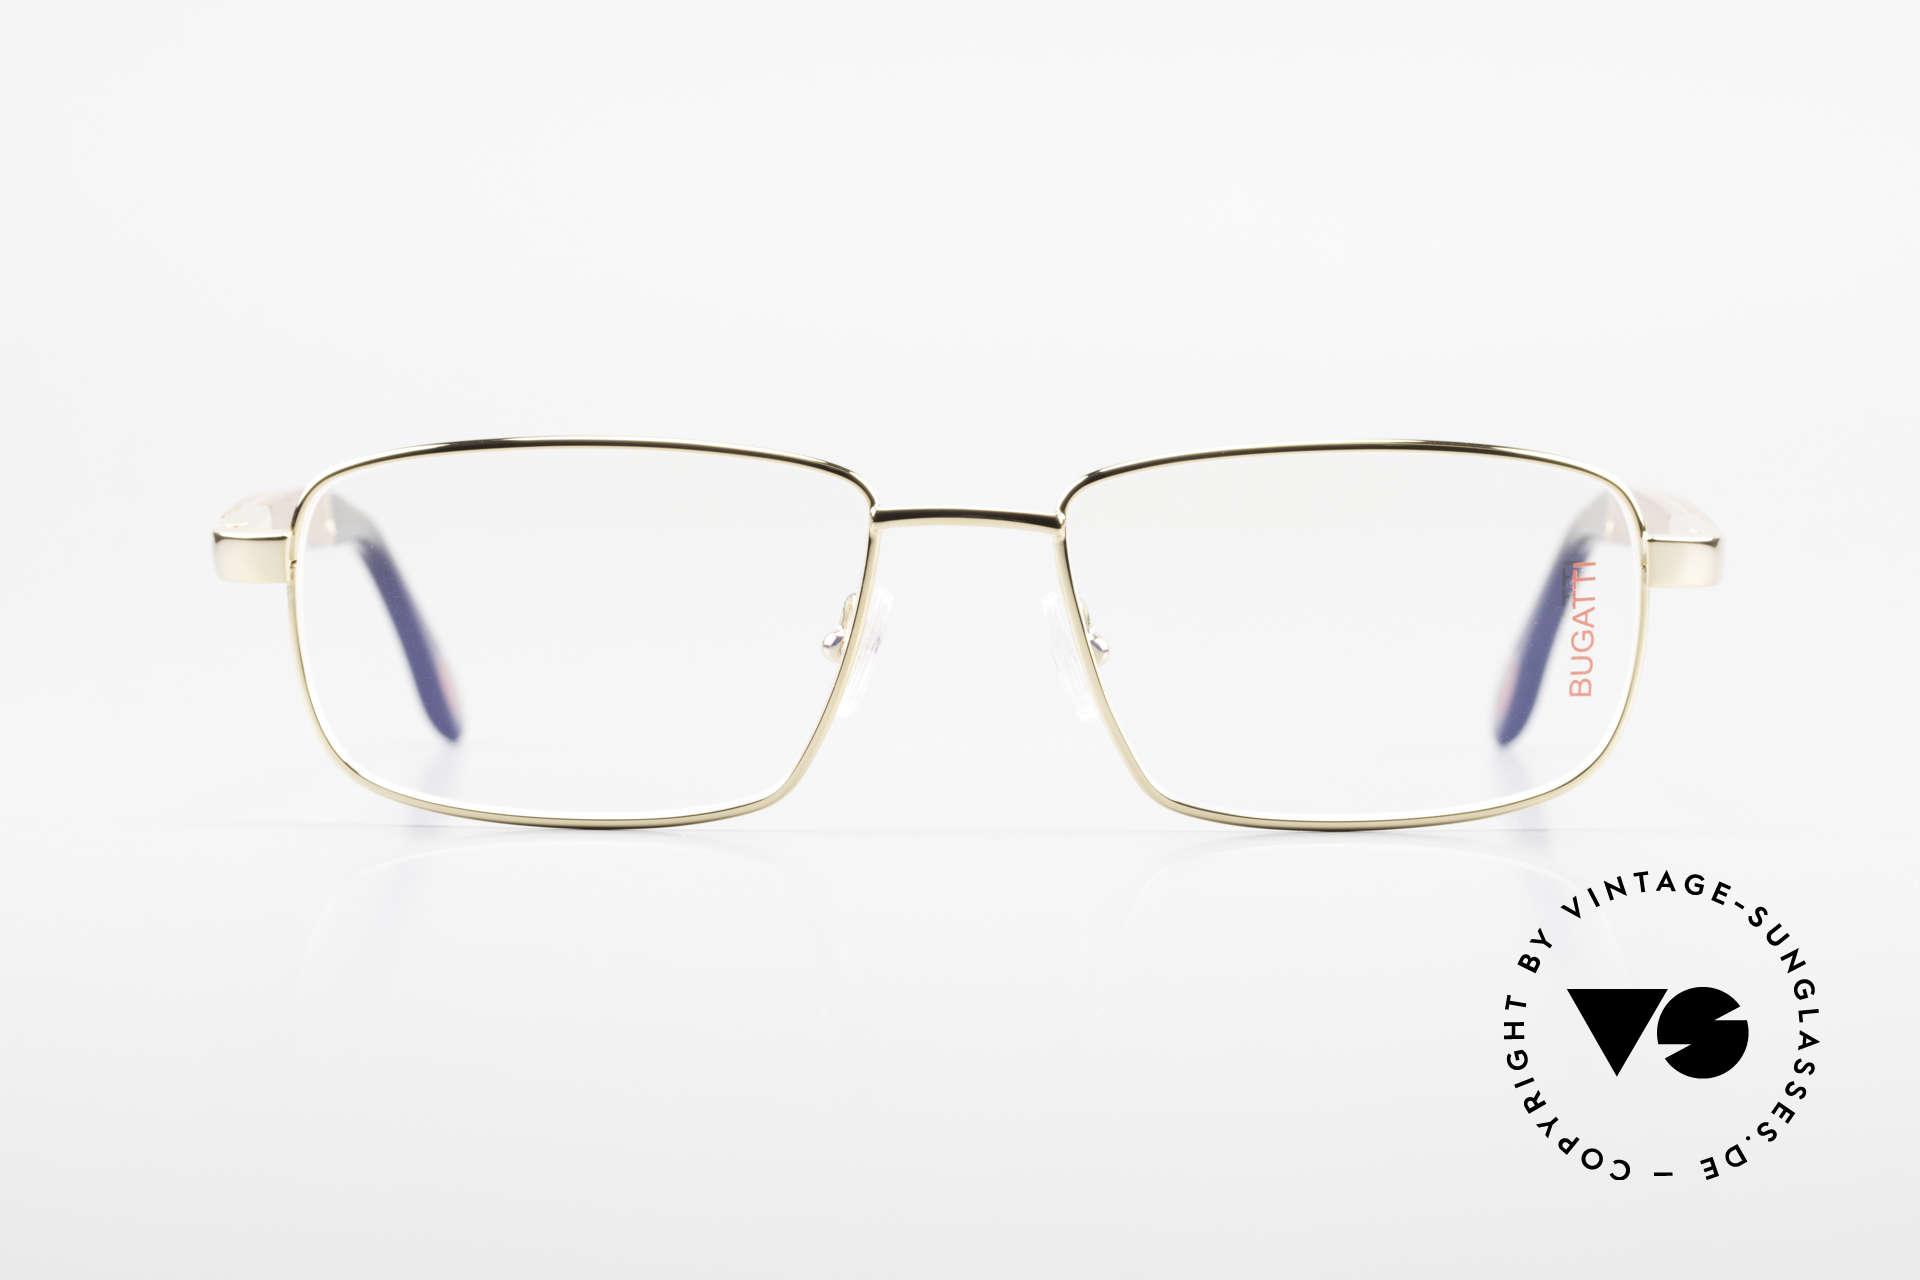 Bugatti 548 Padouk Edelholz Brille Gold L, die Luxus-Fassung (L Gr. 57/18) ist 22KT vergoldet, Passend für Herren